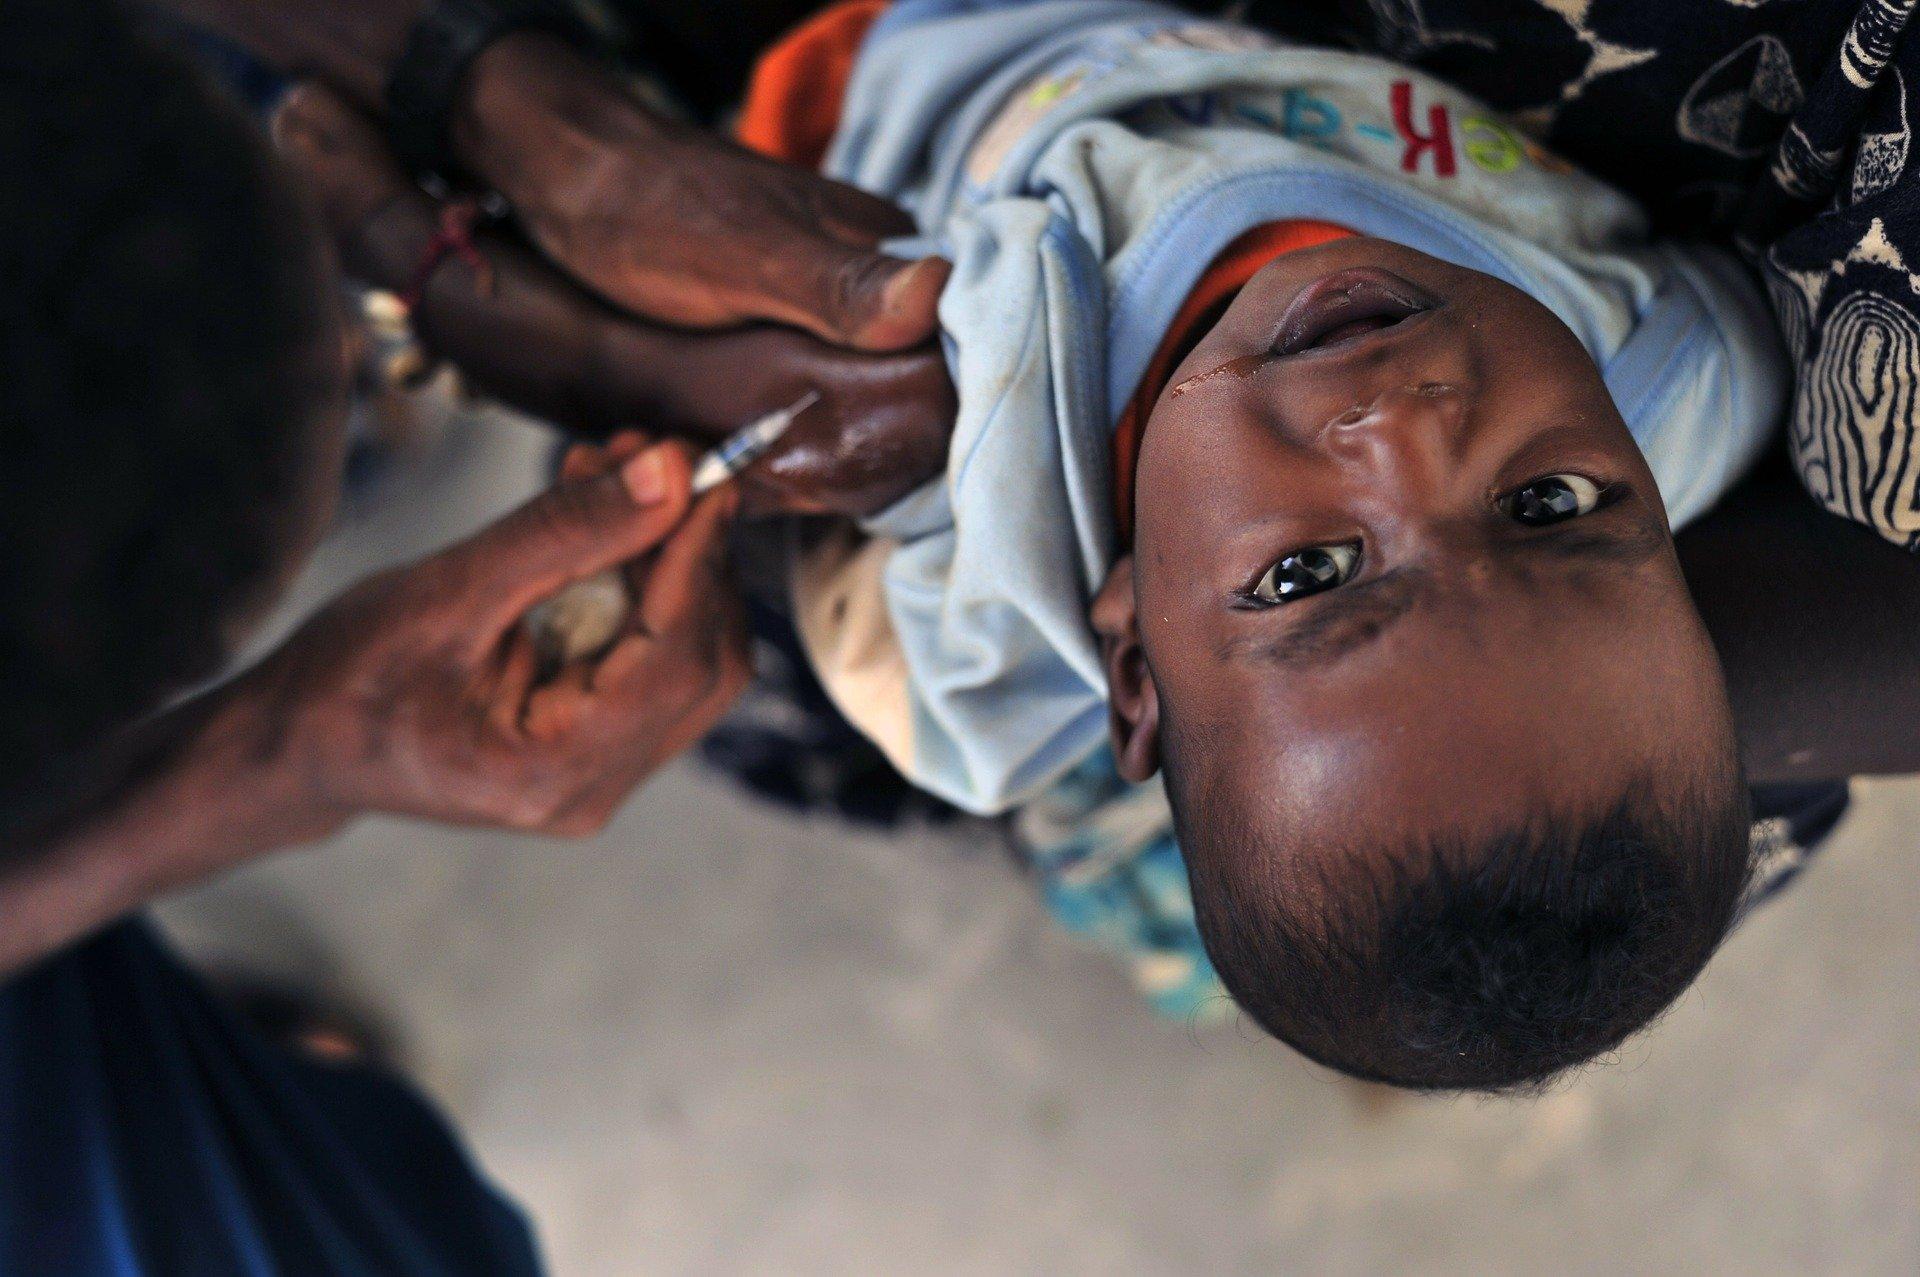 Un enfant vacciné | Source : Pixabay